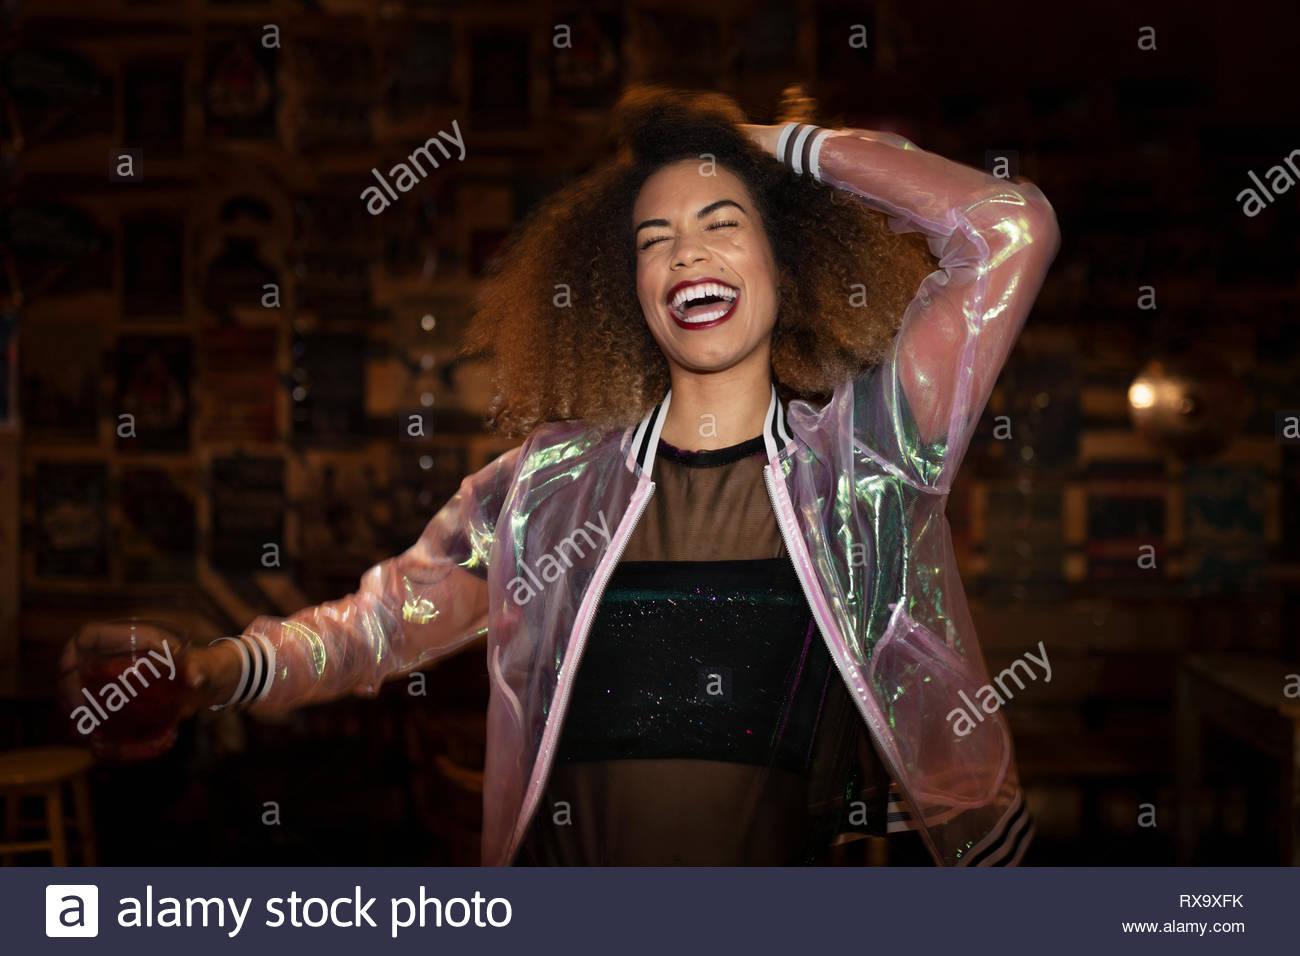 Riendo, exuberante joven bebiendo un cóctel en discoteca Imagen De Stock